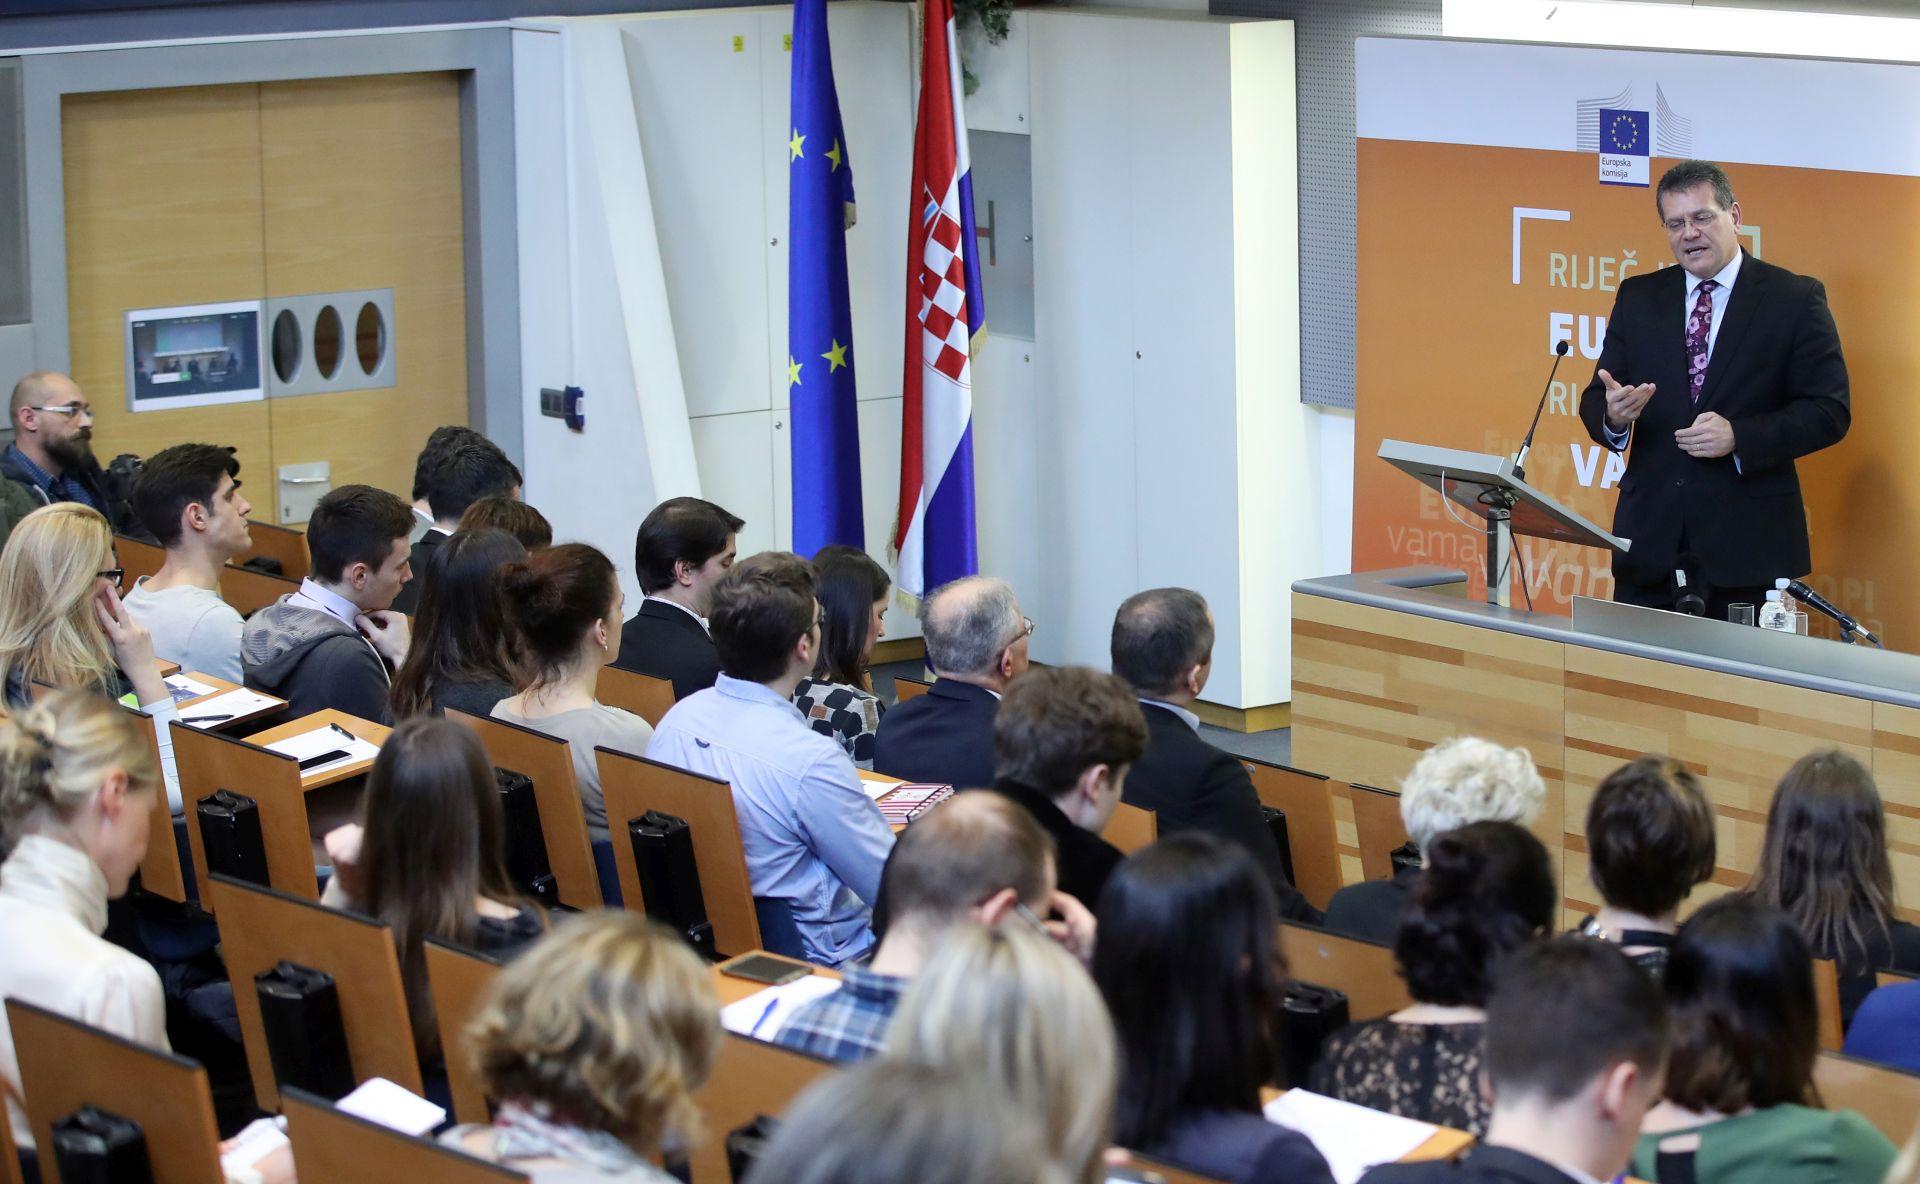 Šefčovič: Hrvatska bi mogla biti energetsko čvorište jugoistočne Europe